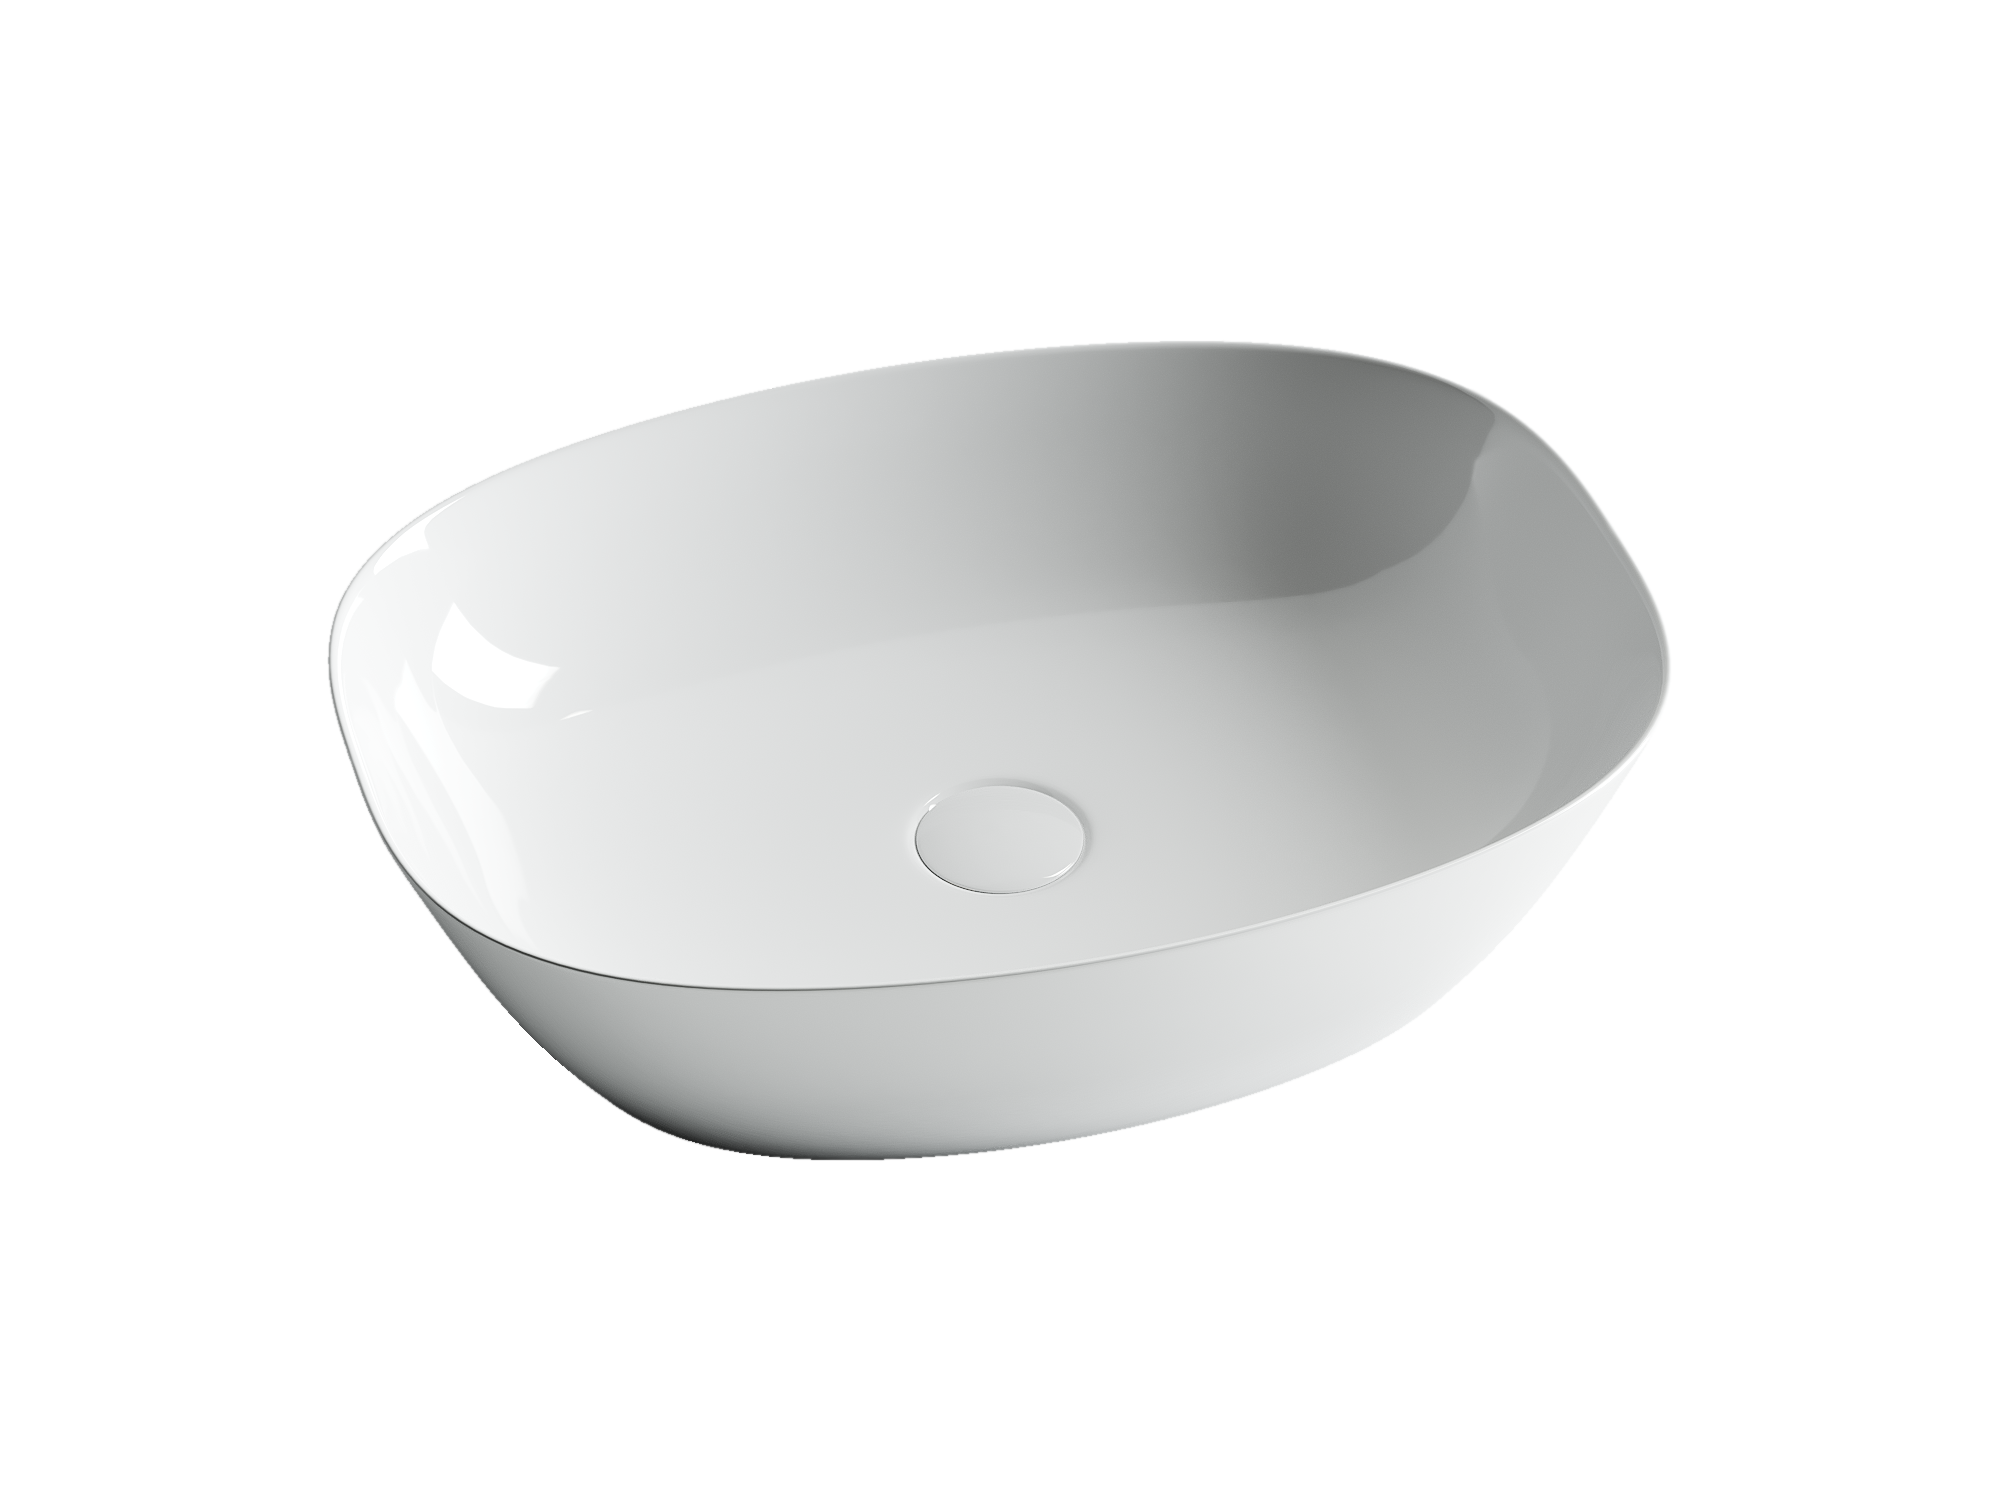 Раковина чаша накладная Ceramica Nova Element CN5005 овальная 500x380x140мм